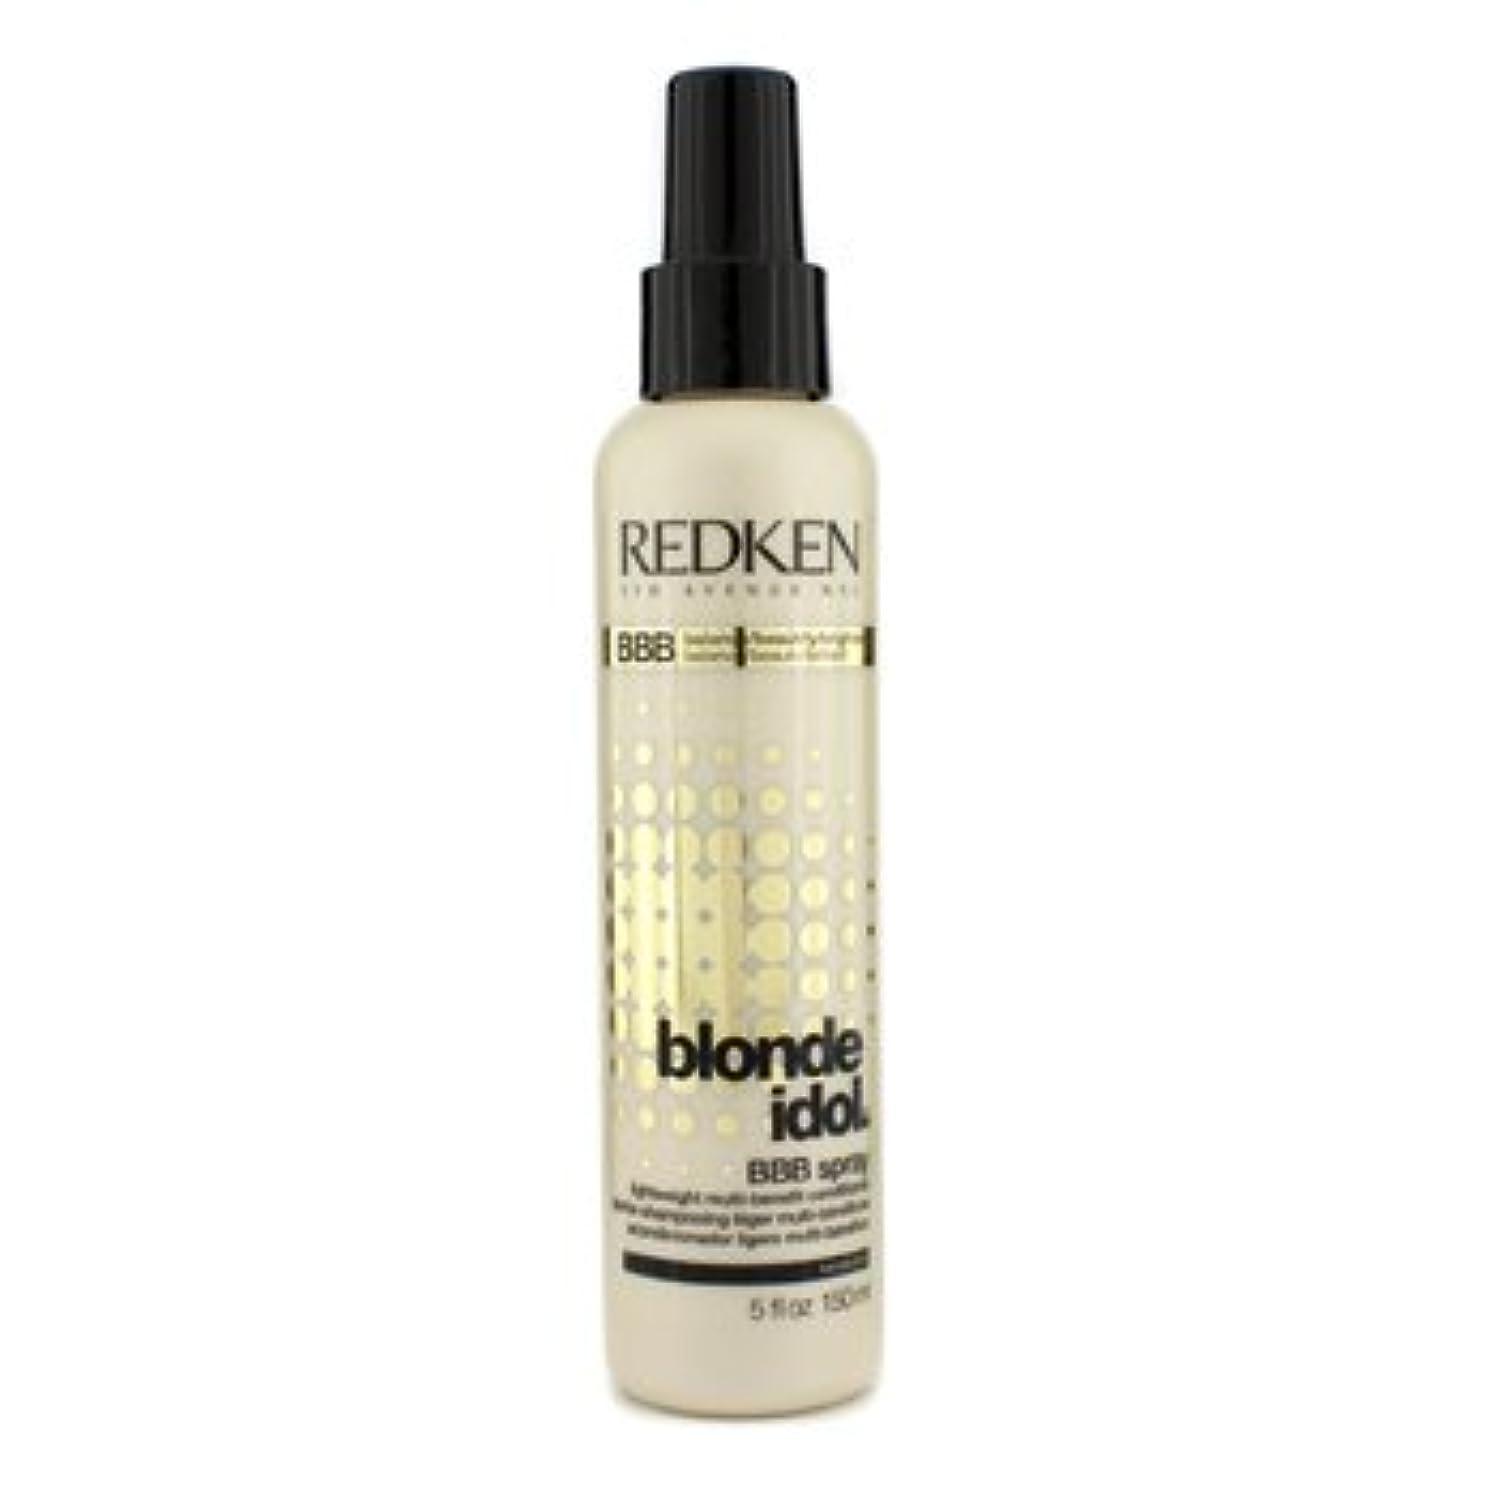 熟達したあごひげフィードバック[Redken] Blonde Idol BBB Spray Lightweight Multi-Benefit Conditioner (For Beautiful Blonde Hair) 150ml/5oz